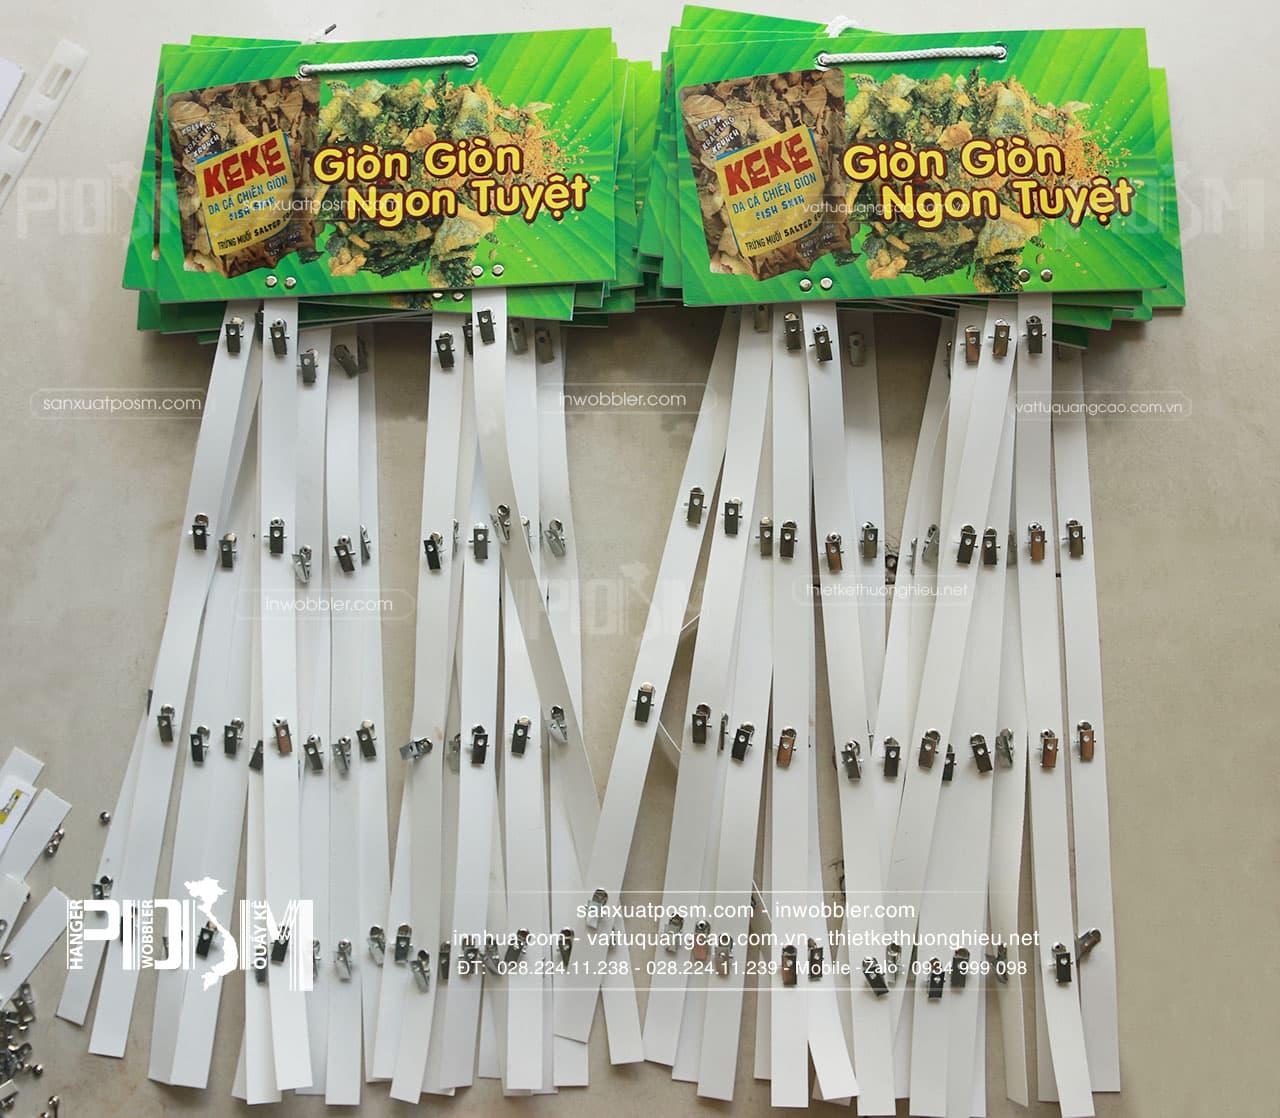 hanger bảng treo dây nhựa kẹp sắt